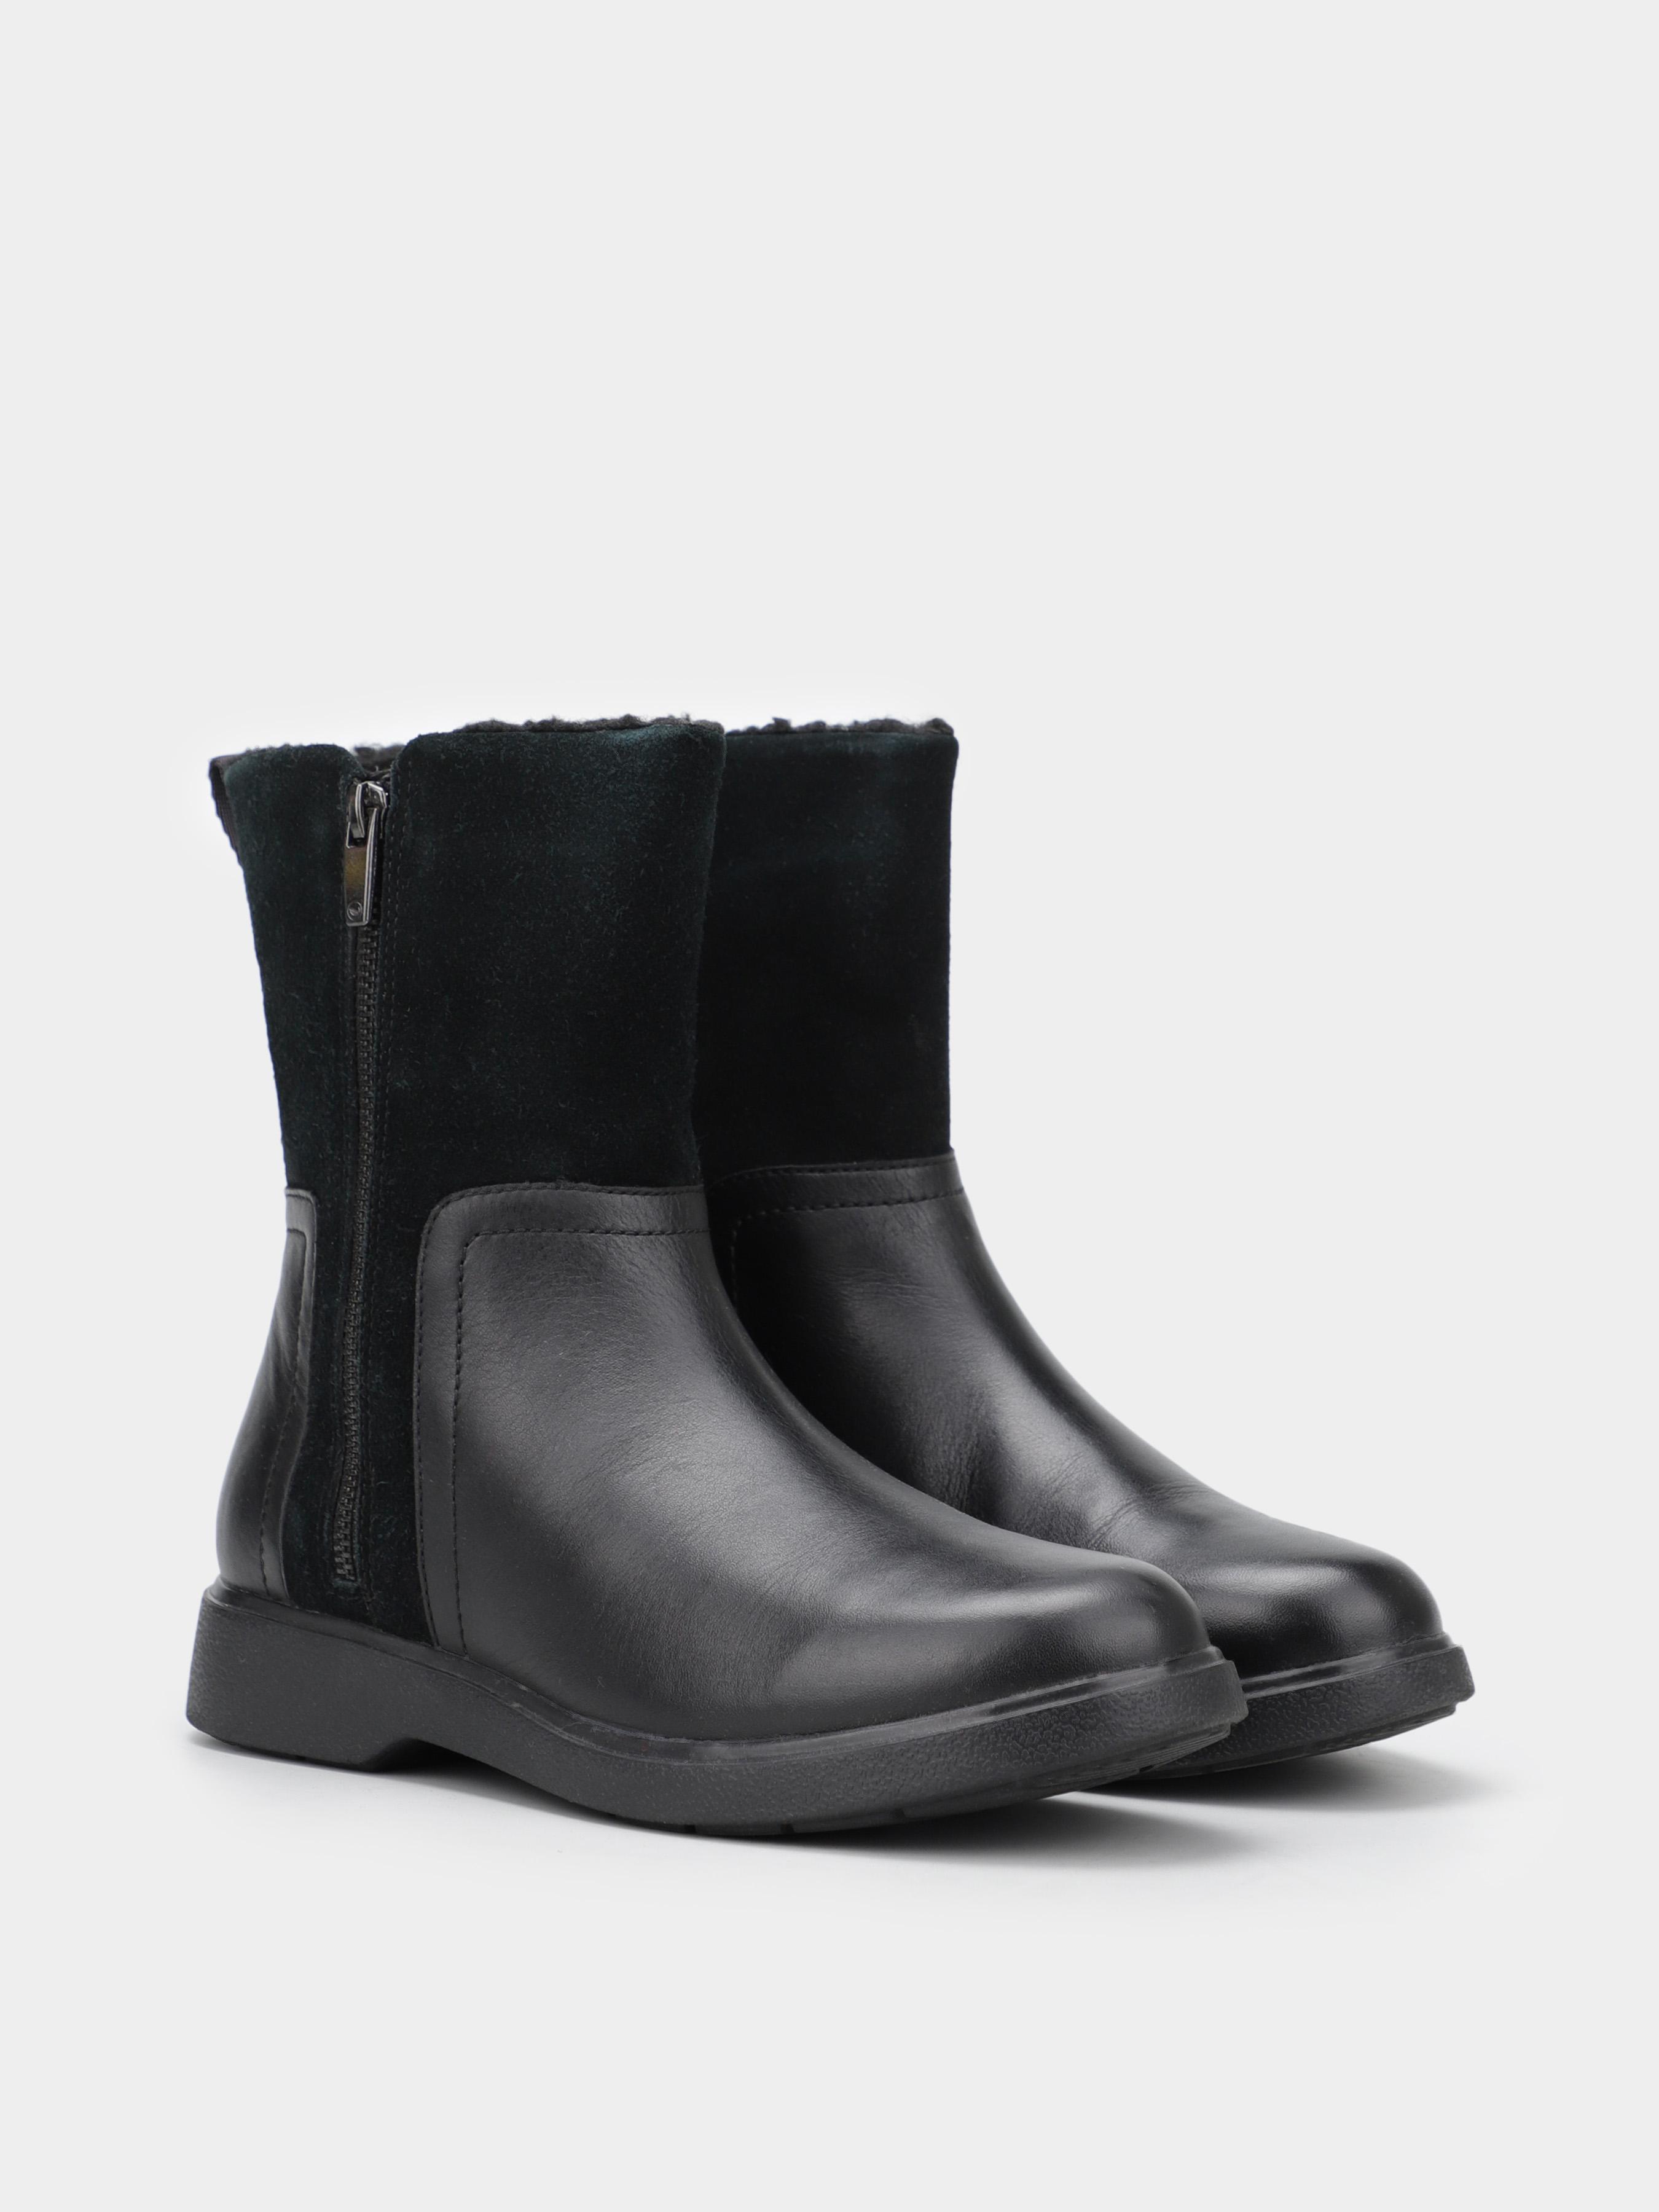 Ботинки для женщин Clarks Un Elda Mid OW4490 в Украине, 2017